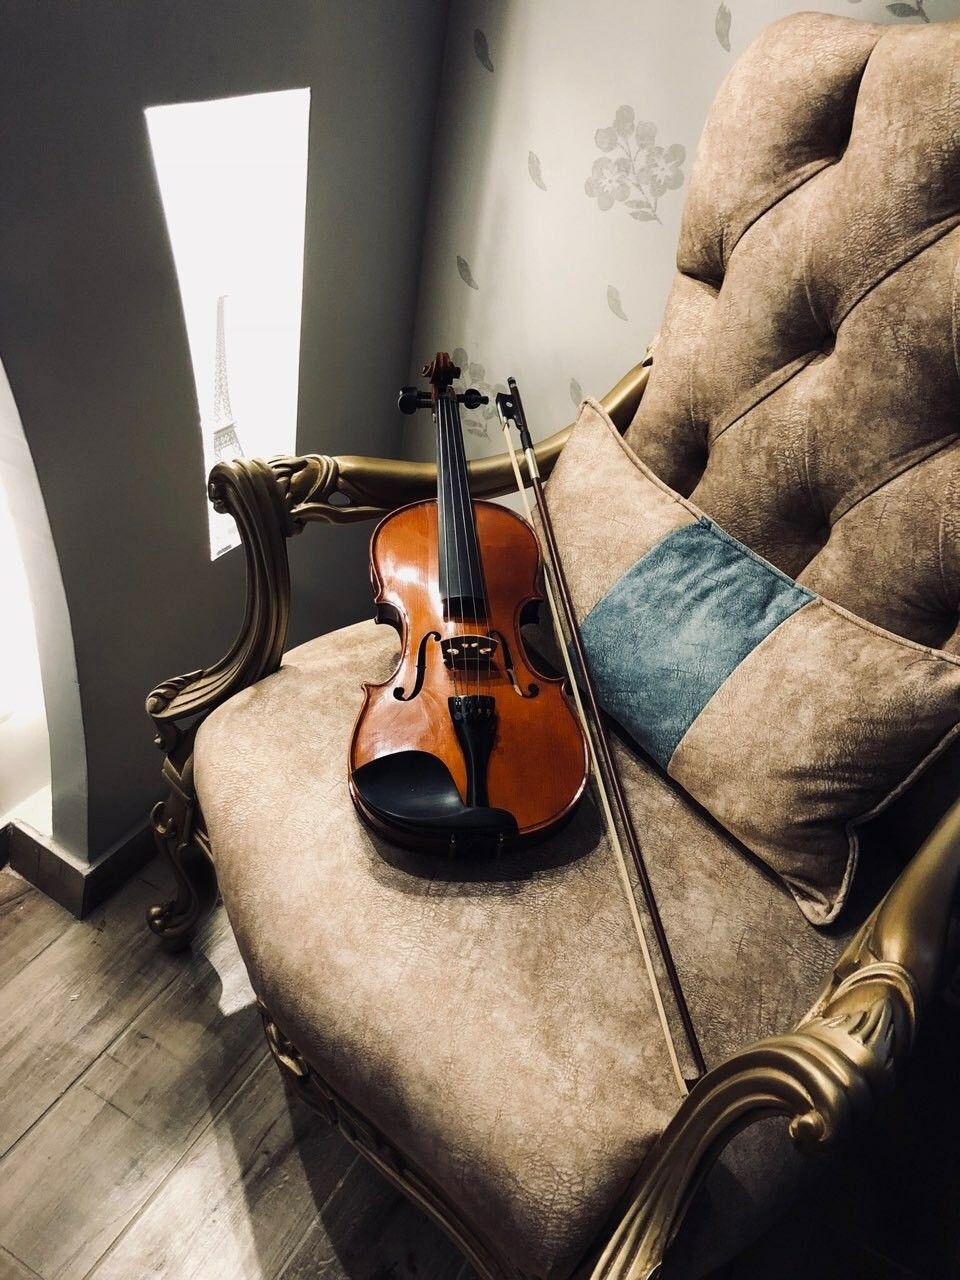 عندما تفشل الكلمات الموسيقى تتحدث Violin Music Instruments Music